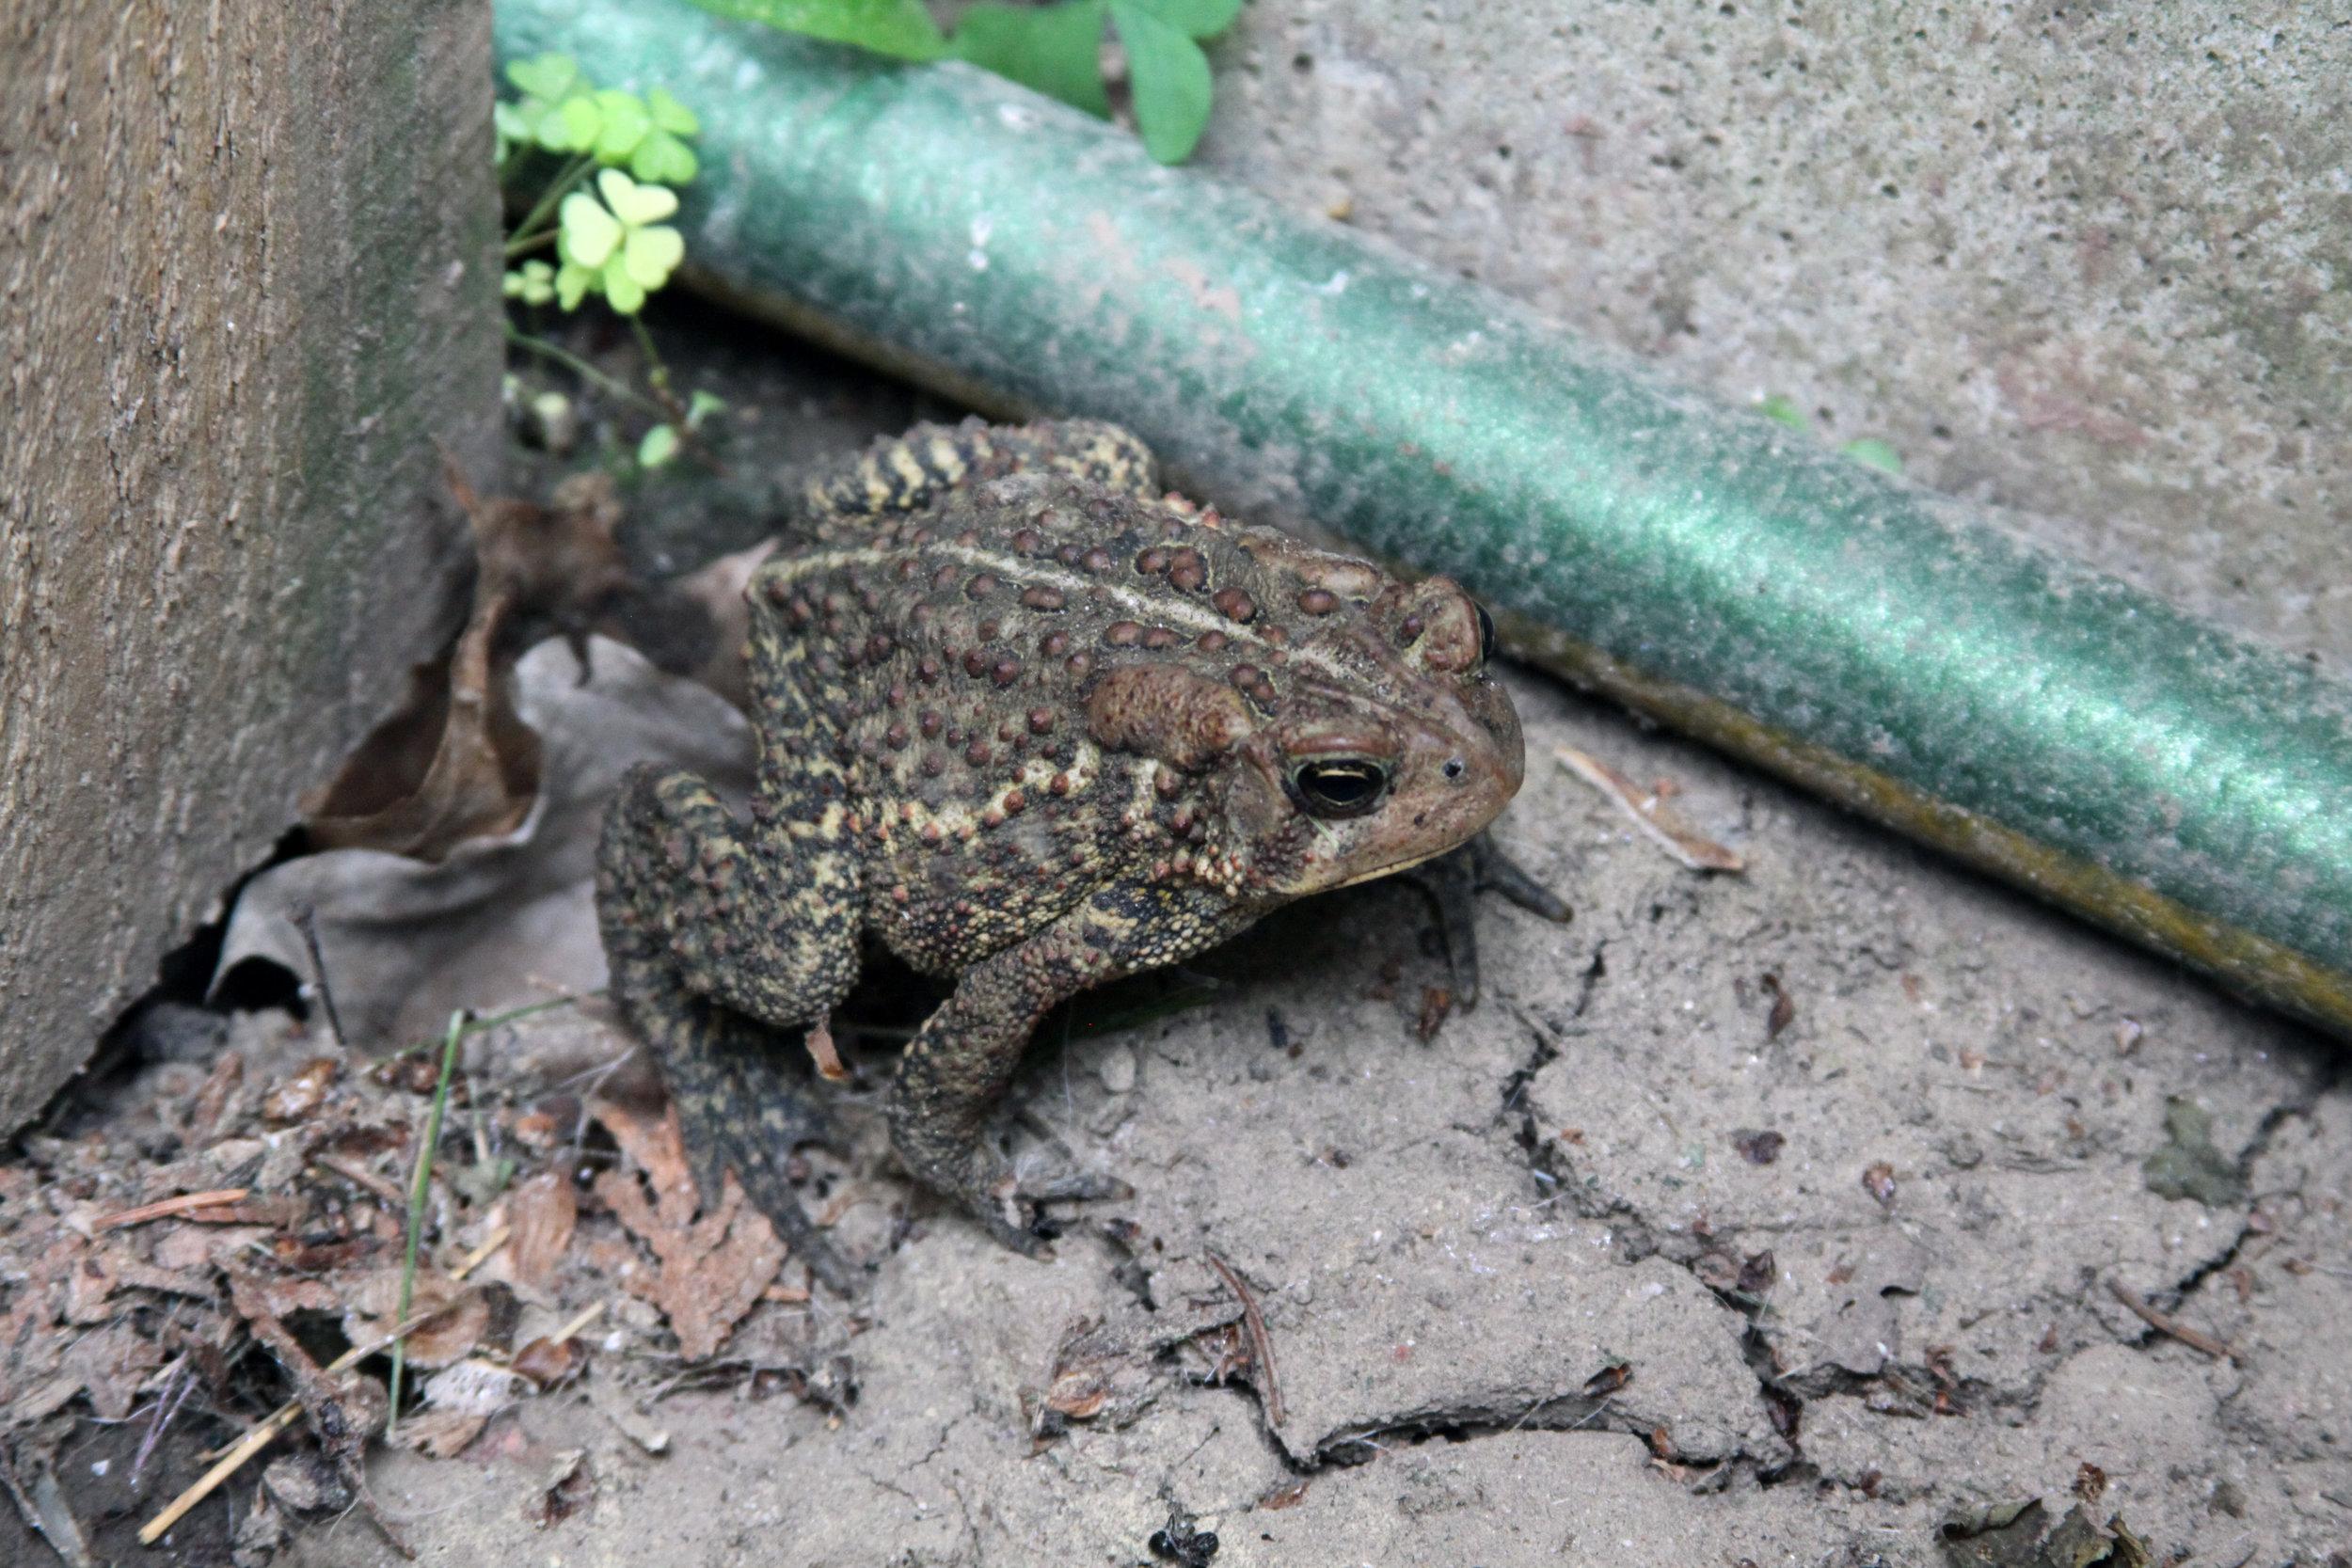 A Garden Toad